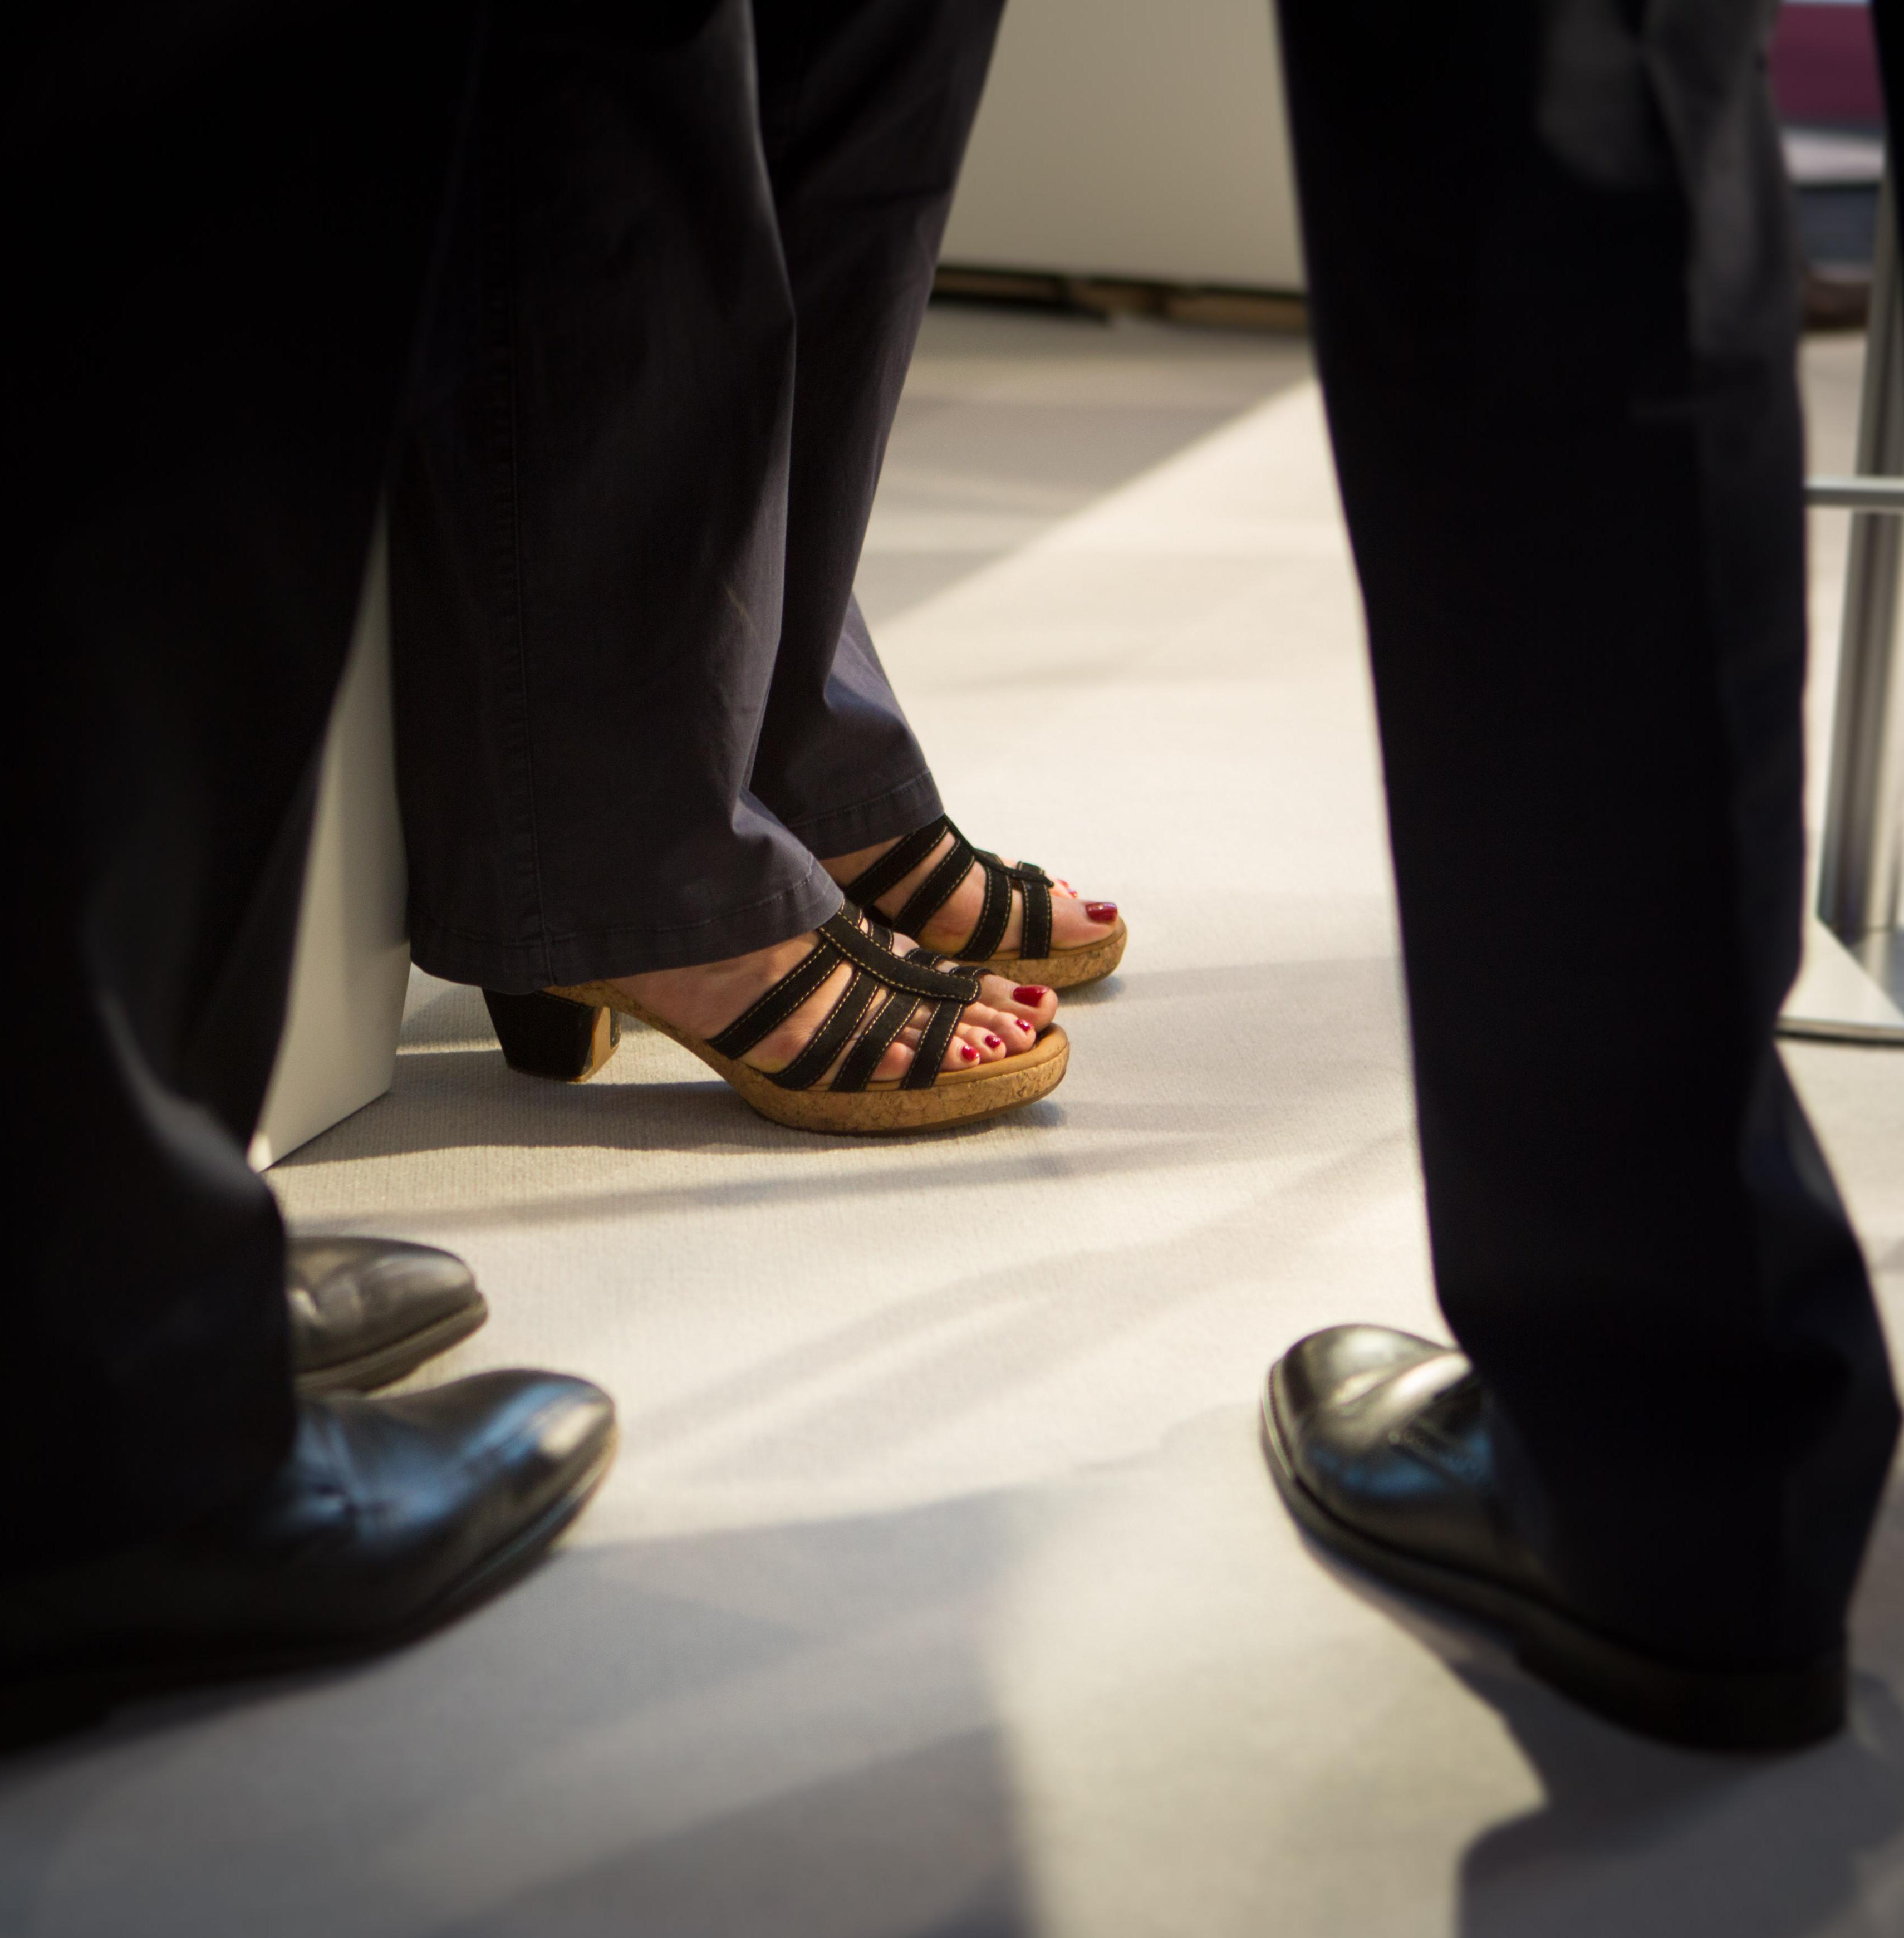 Füße in weiblichen Schuhen zwischen Männerschuhen